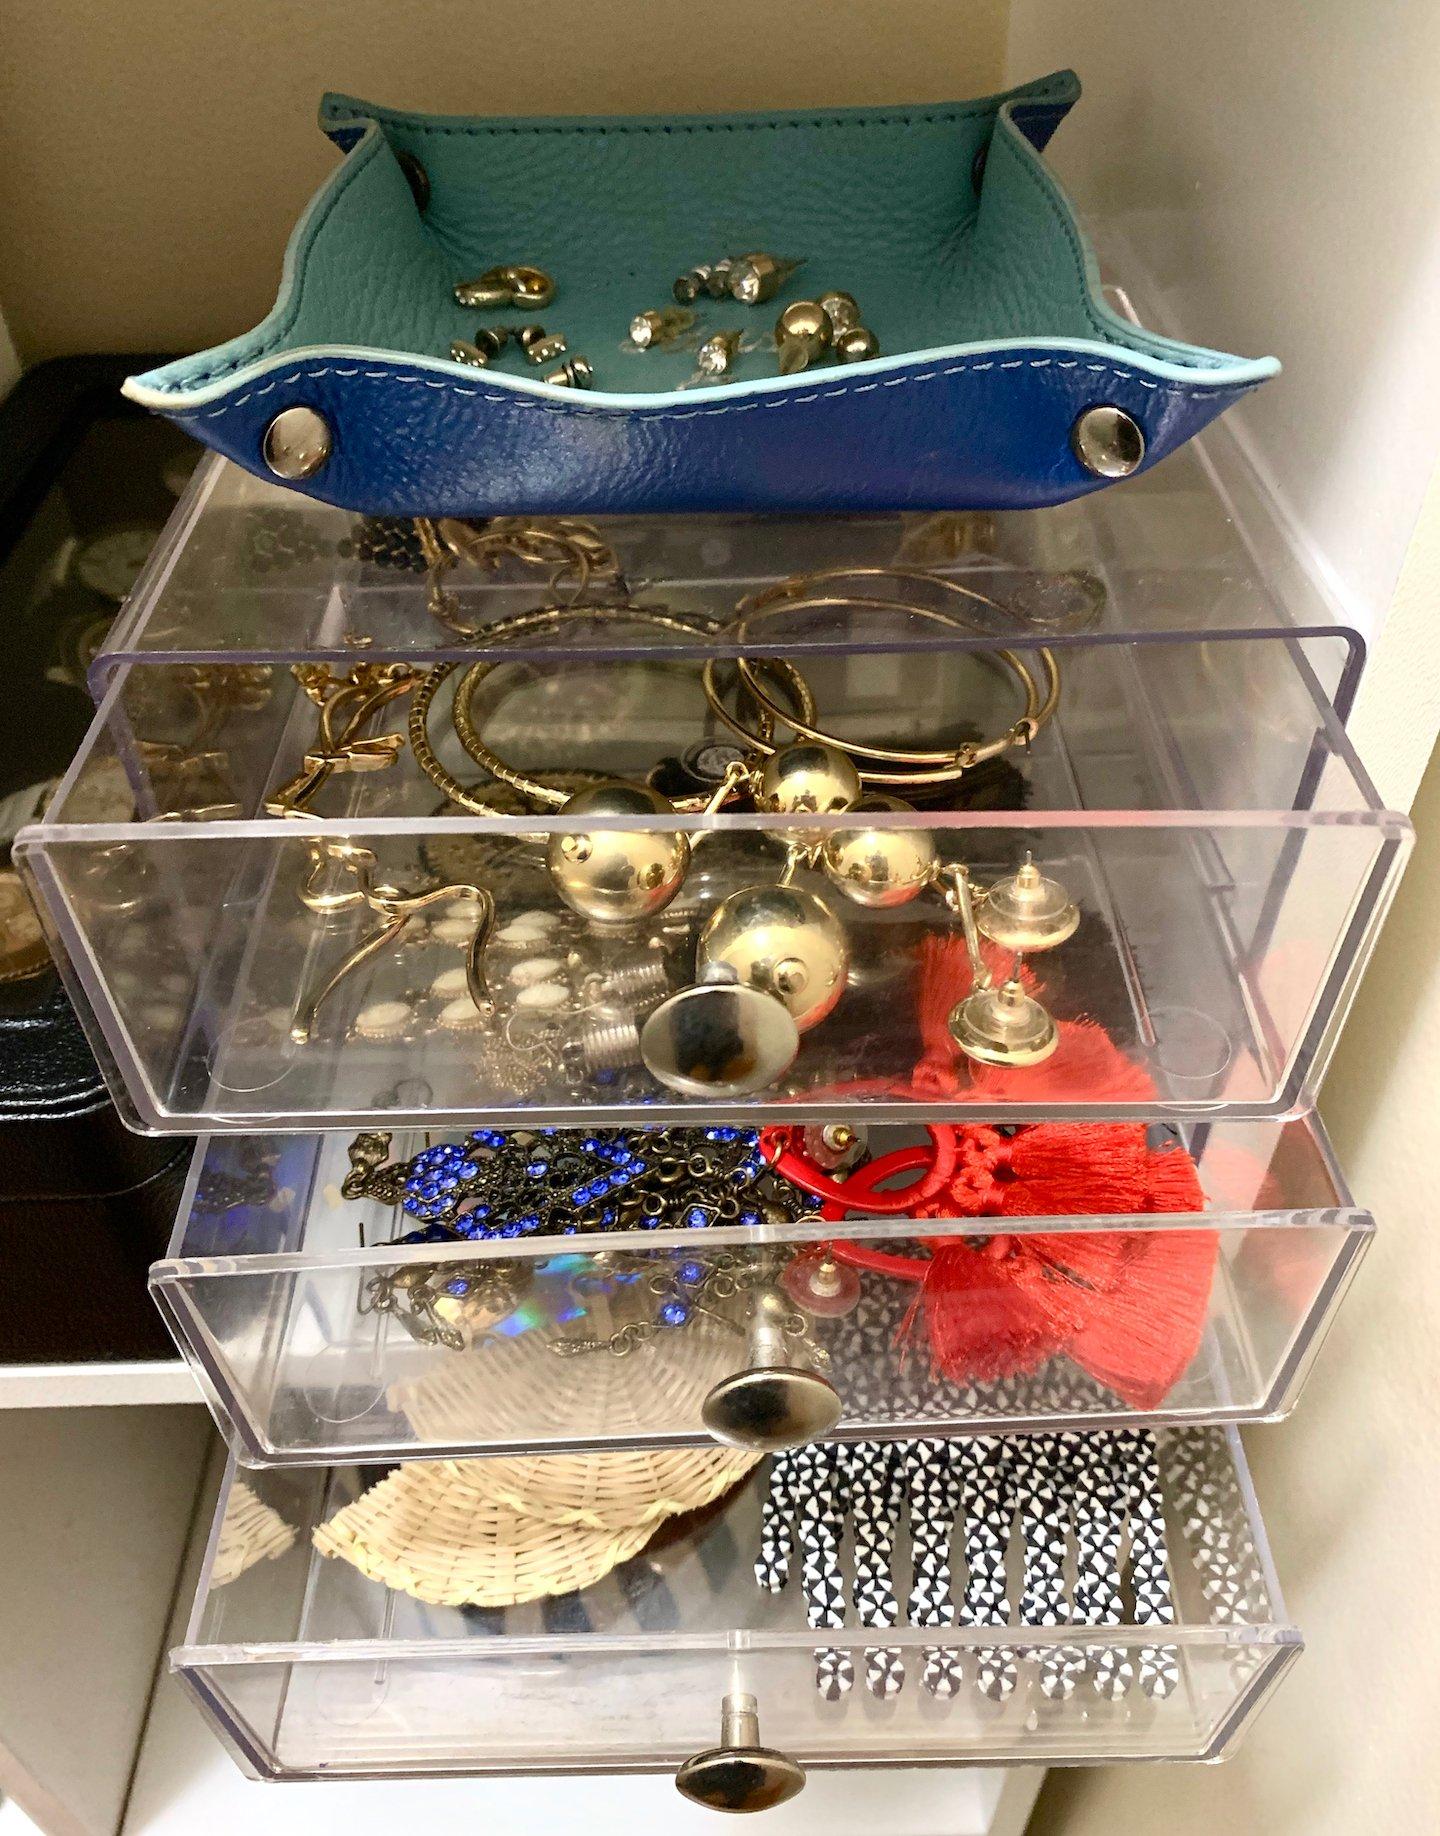 Acrylic Jewelry Organizer Review